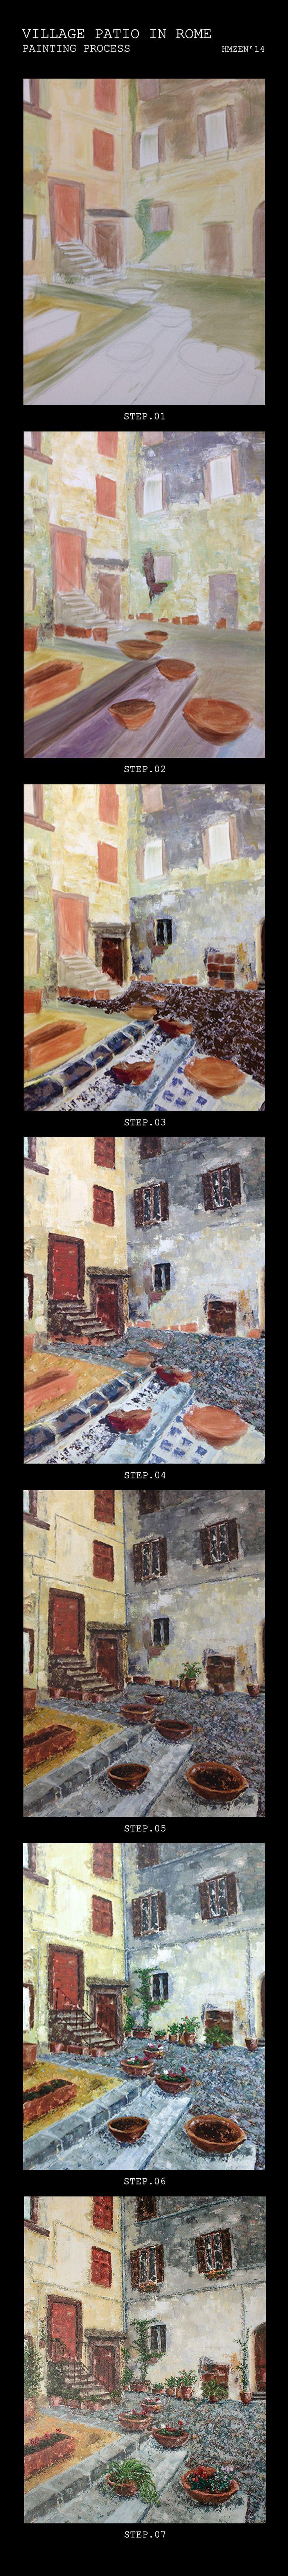 Proceso de creación del acrílico con espátula - Patio de pueblo en Roma. Creation process of acrylic with spatula - Village patio in Rome HMZEN'14